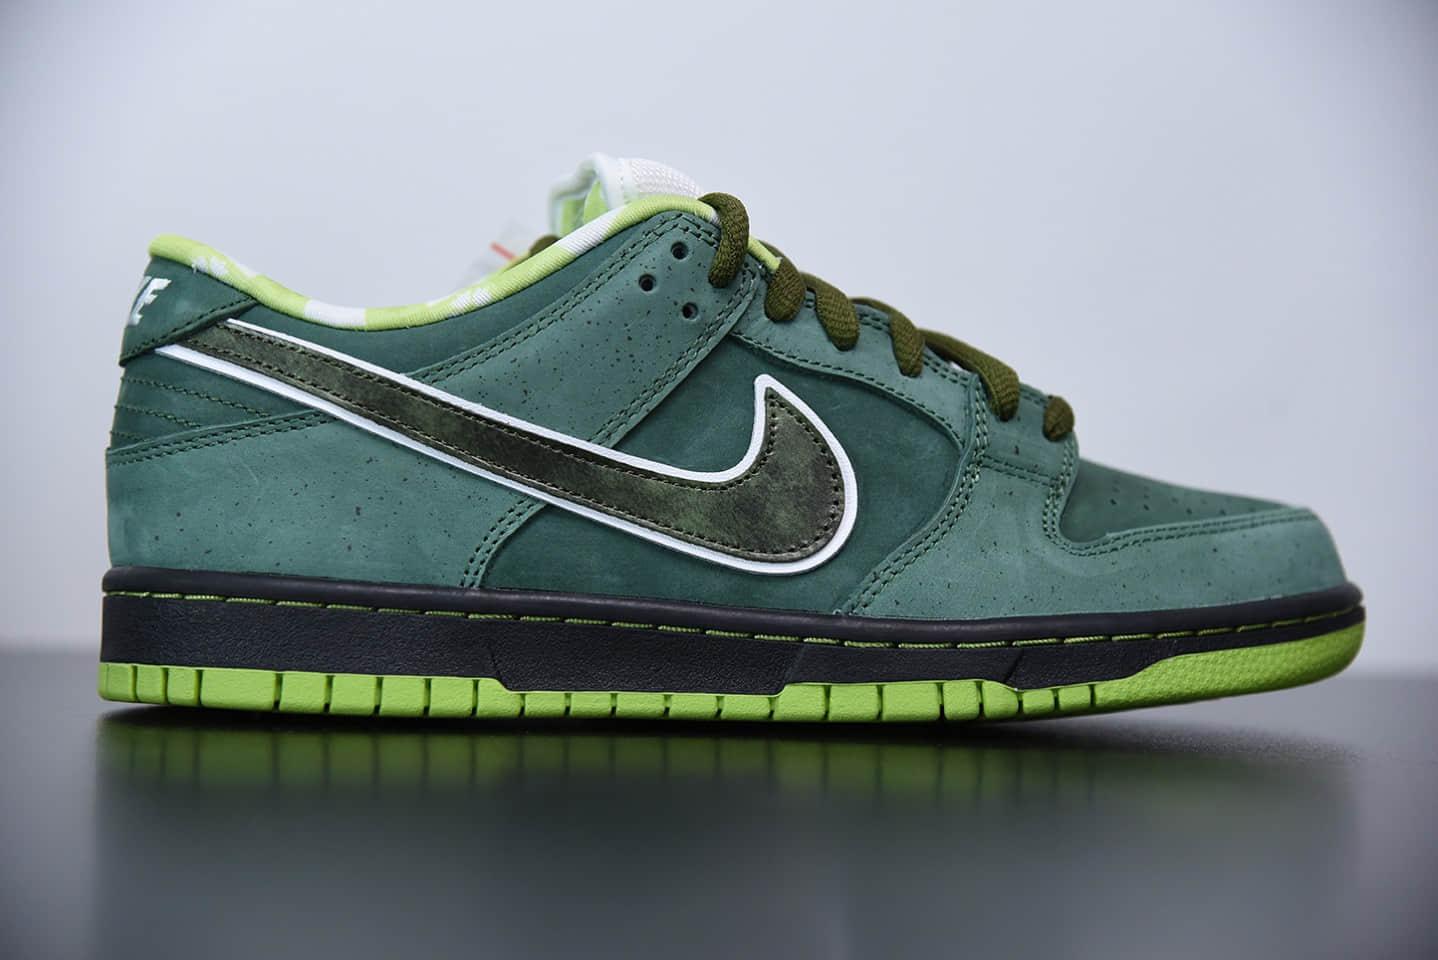 耐克Concepts x Nike SB Dunk Low 绿龙虾扣篮系列低帮板鞋纯原版本 货号:BV1310-337